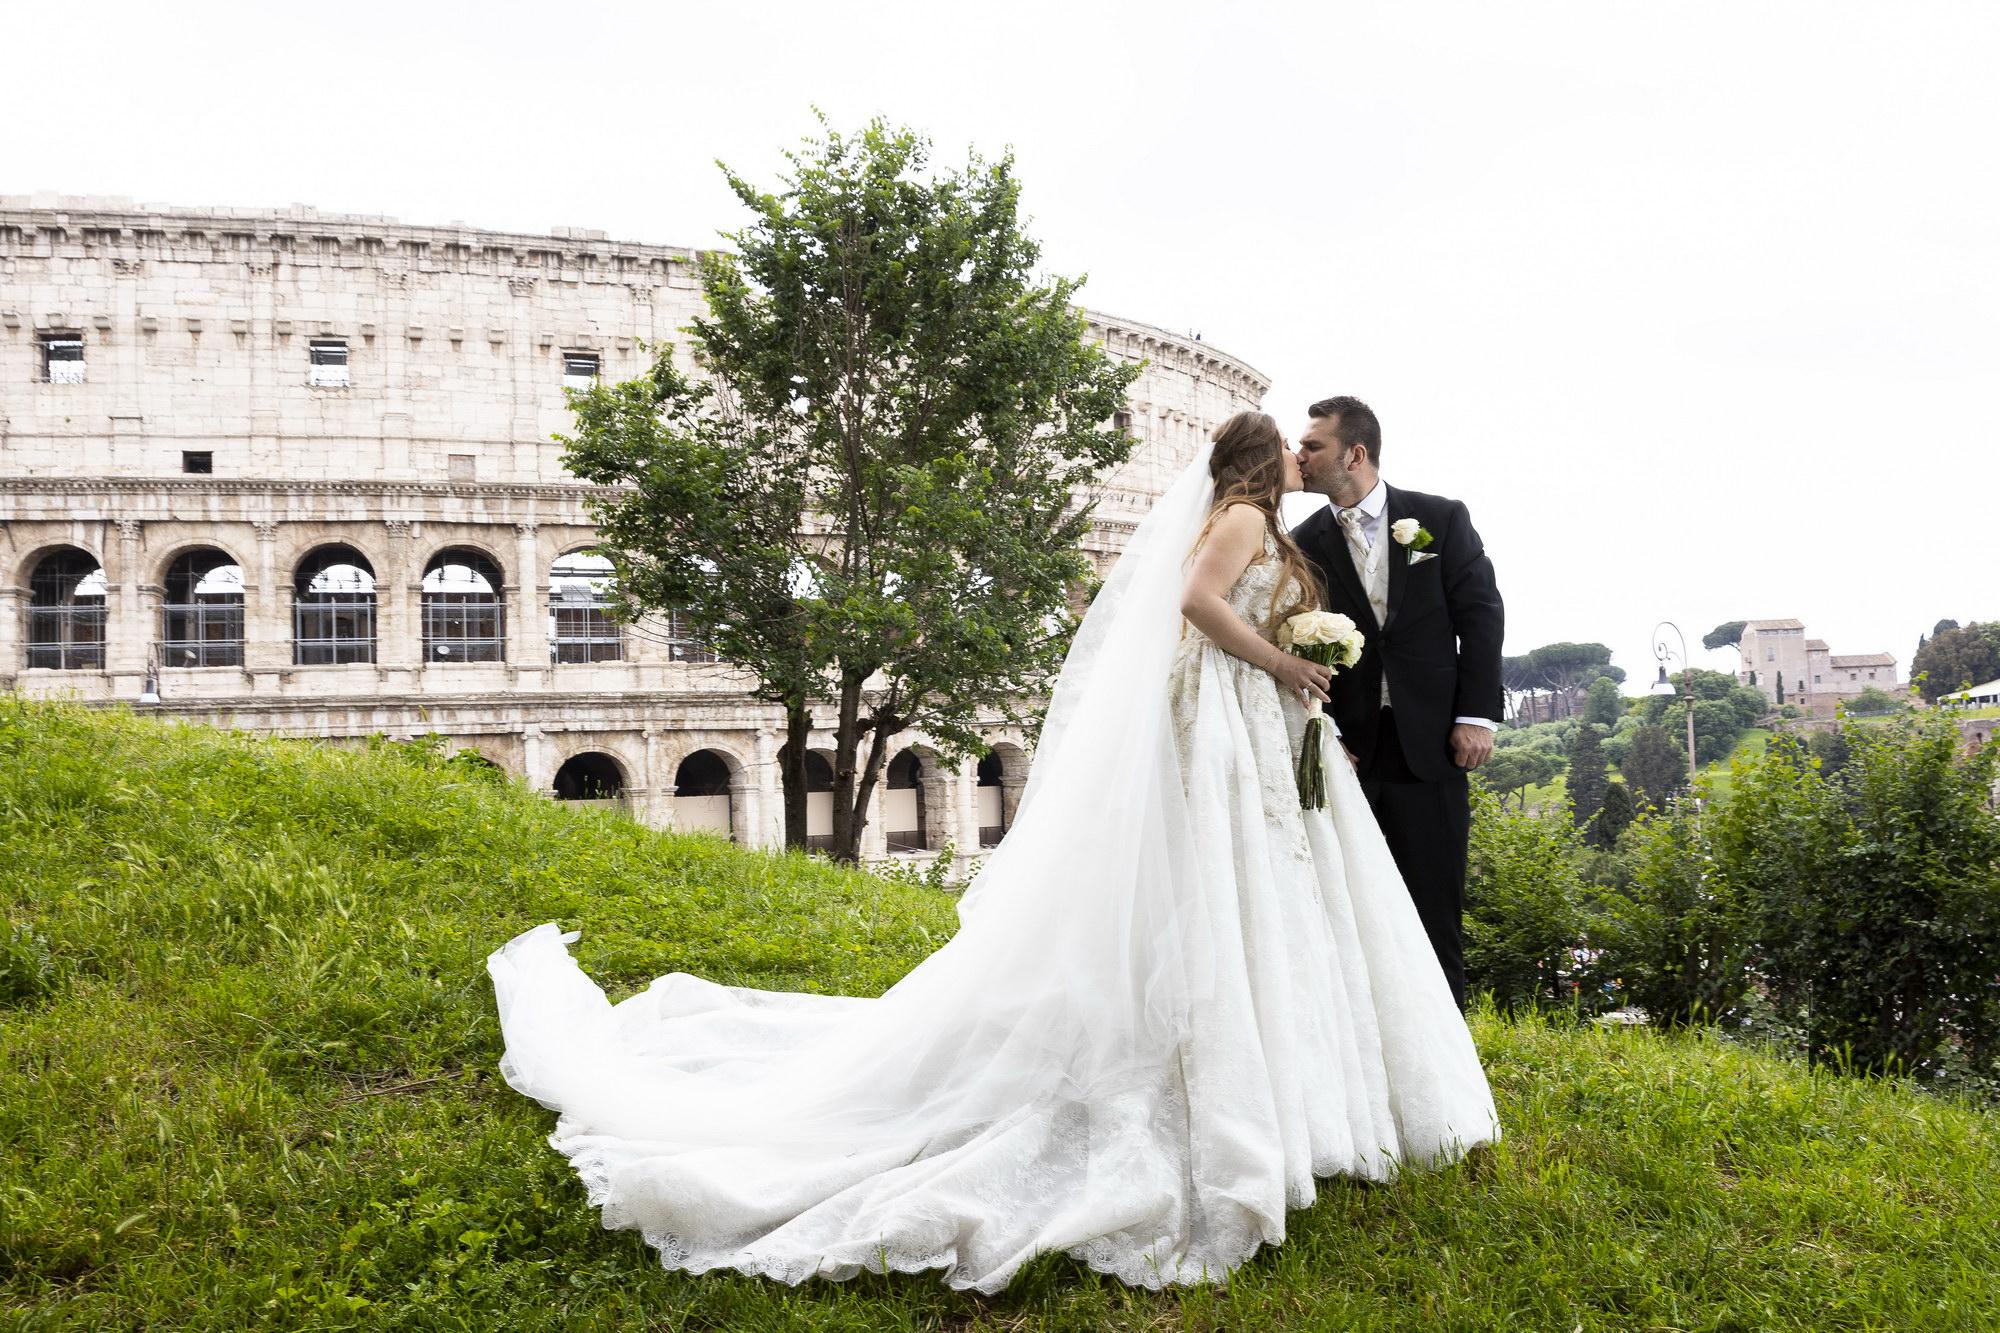 Colloseum Wedding Portrait